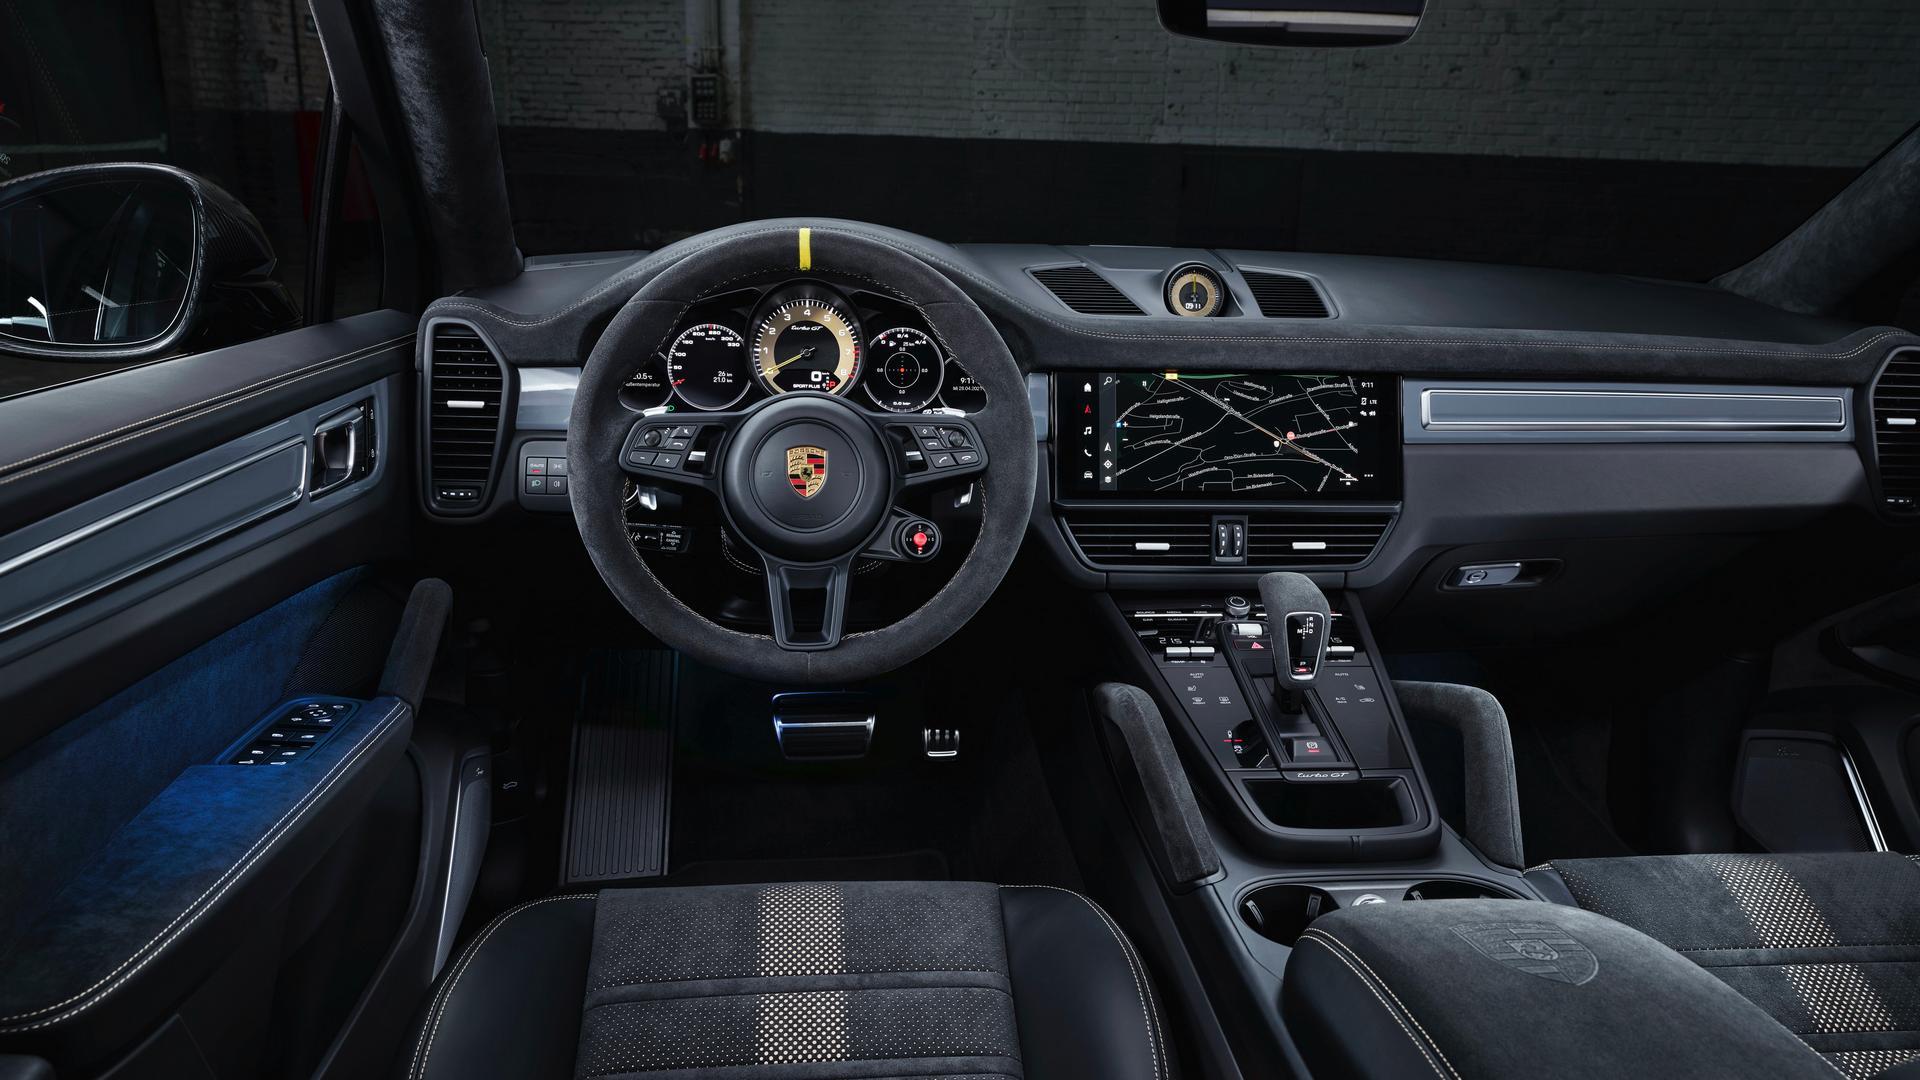 Porsche Cayenne Turbo GT steering wheel